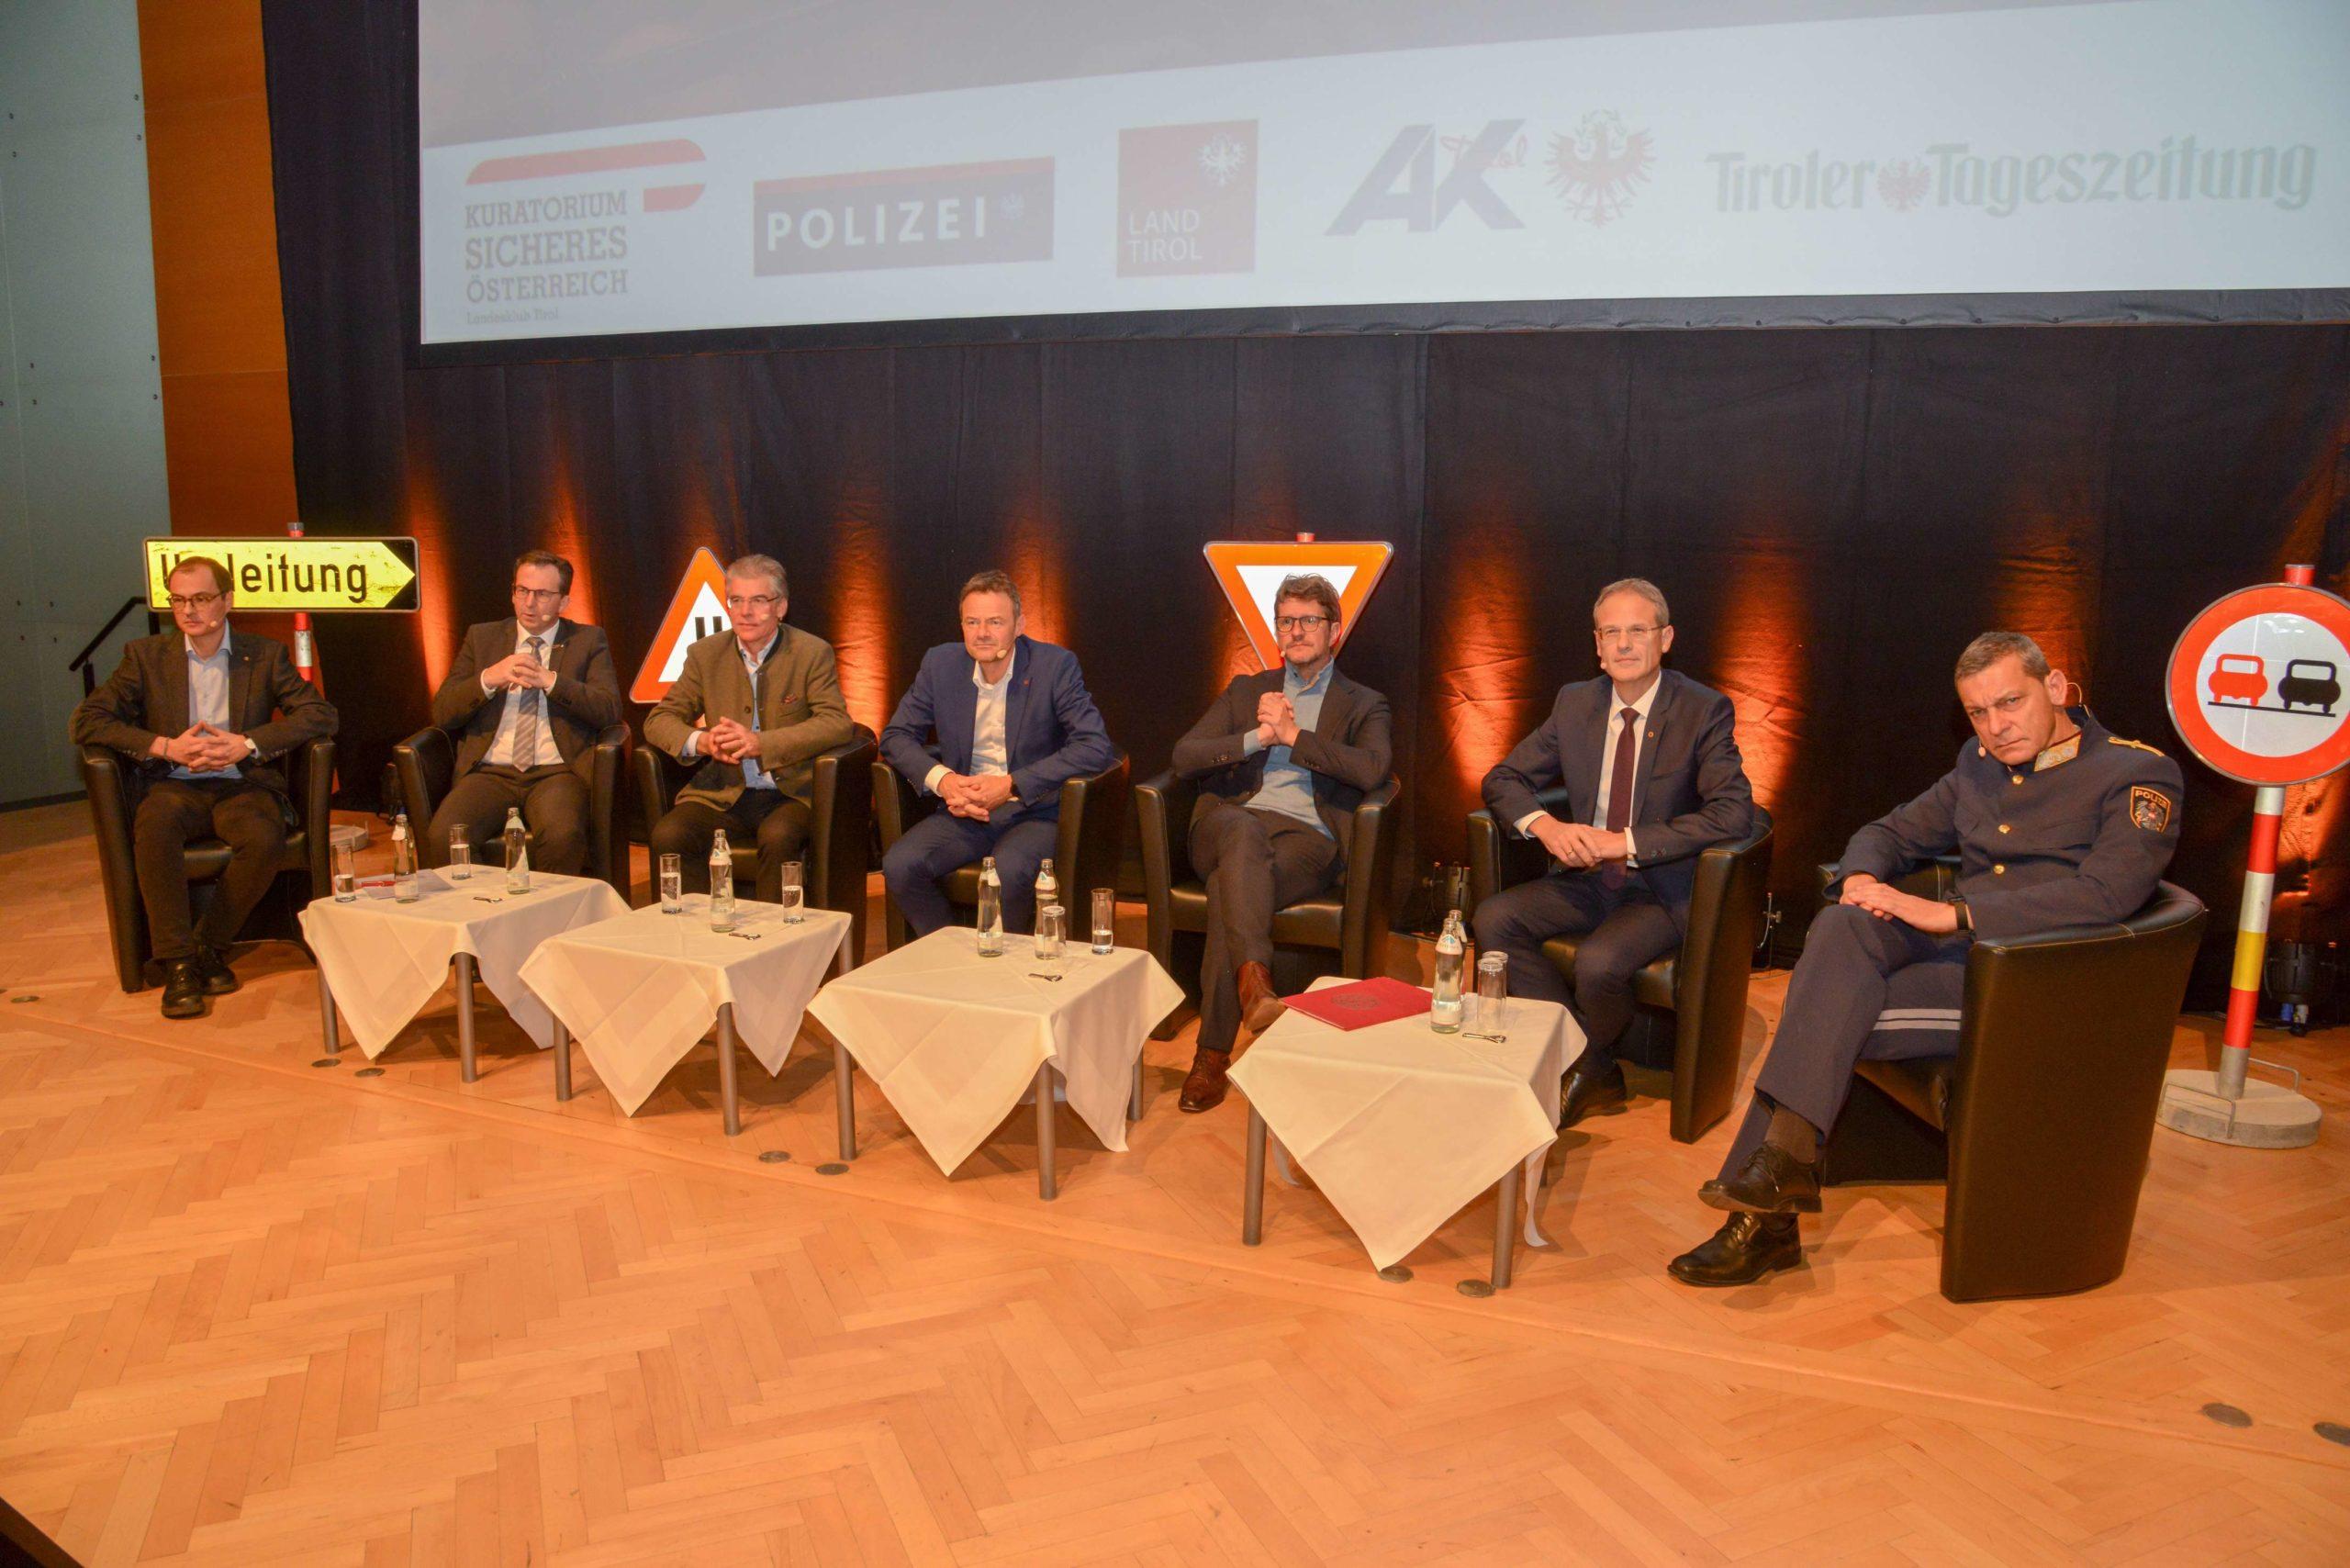 Die Diskussionsrunde der Experten vl. MAILER, SIEGELE, BERGMEISTER, MOLZER, JUG, OBWEXER, TOMAC © LPD Tirol | ChefInsp Johann HEIS